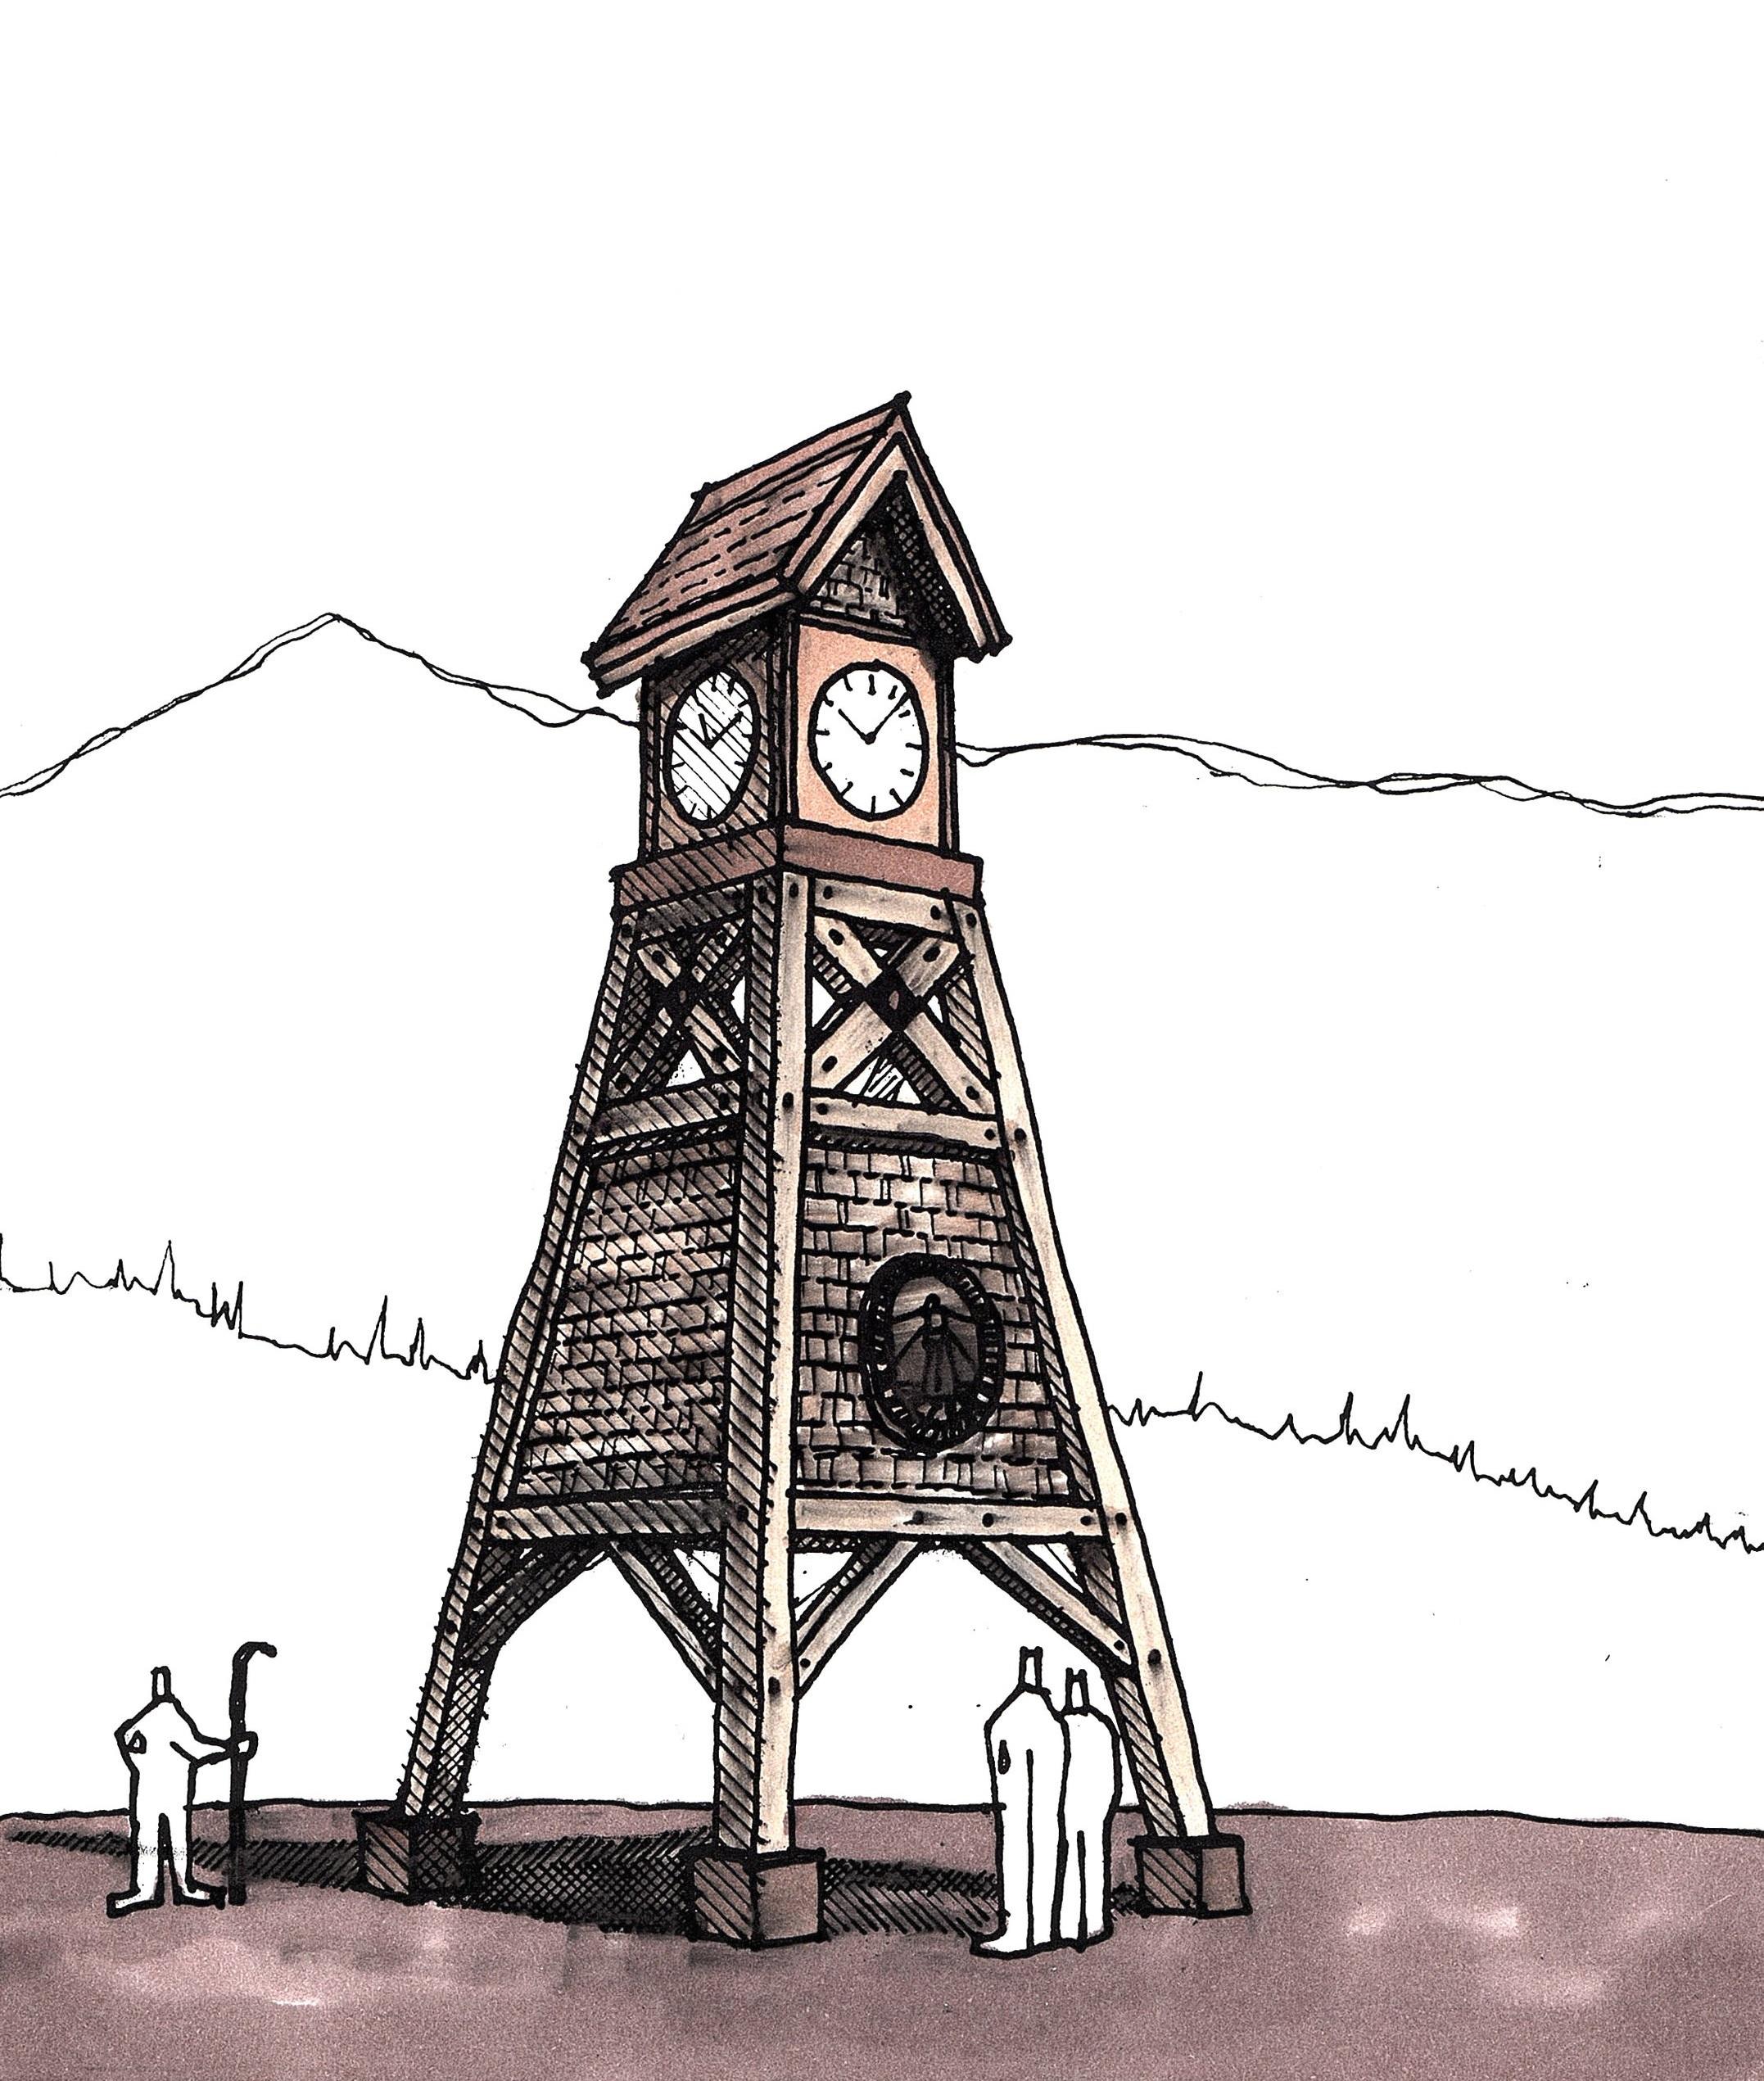 Schweitzer-Clocktower-Sketch.jpg